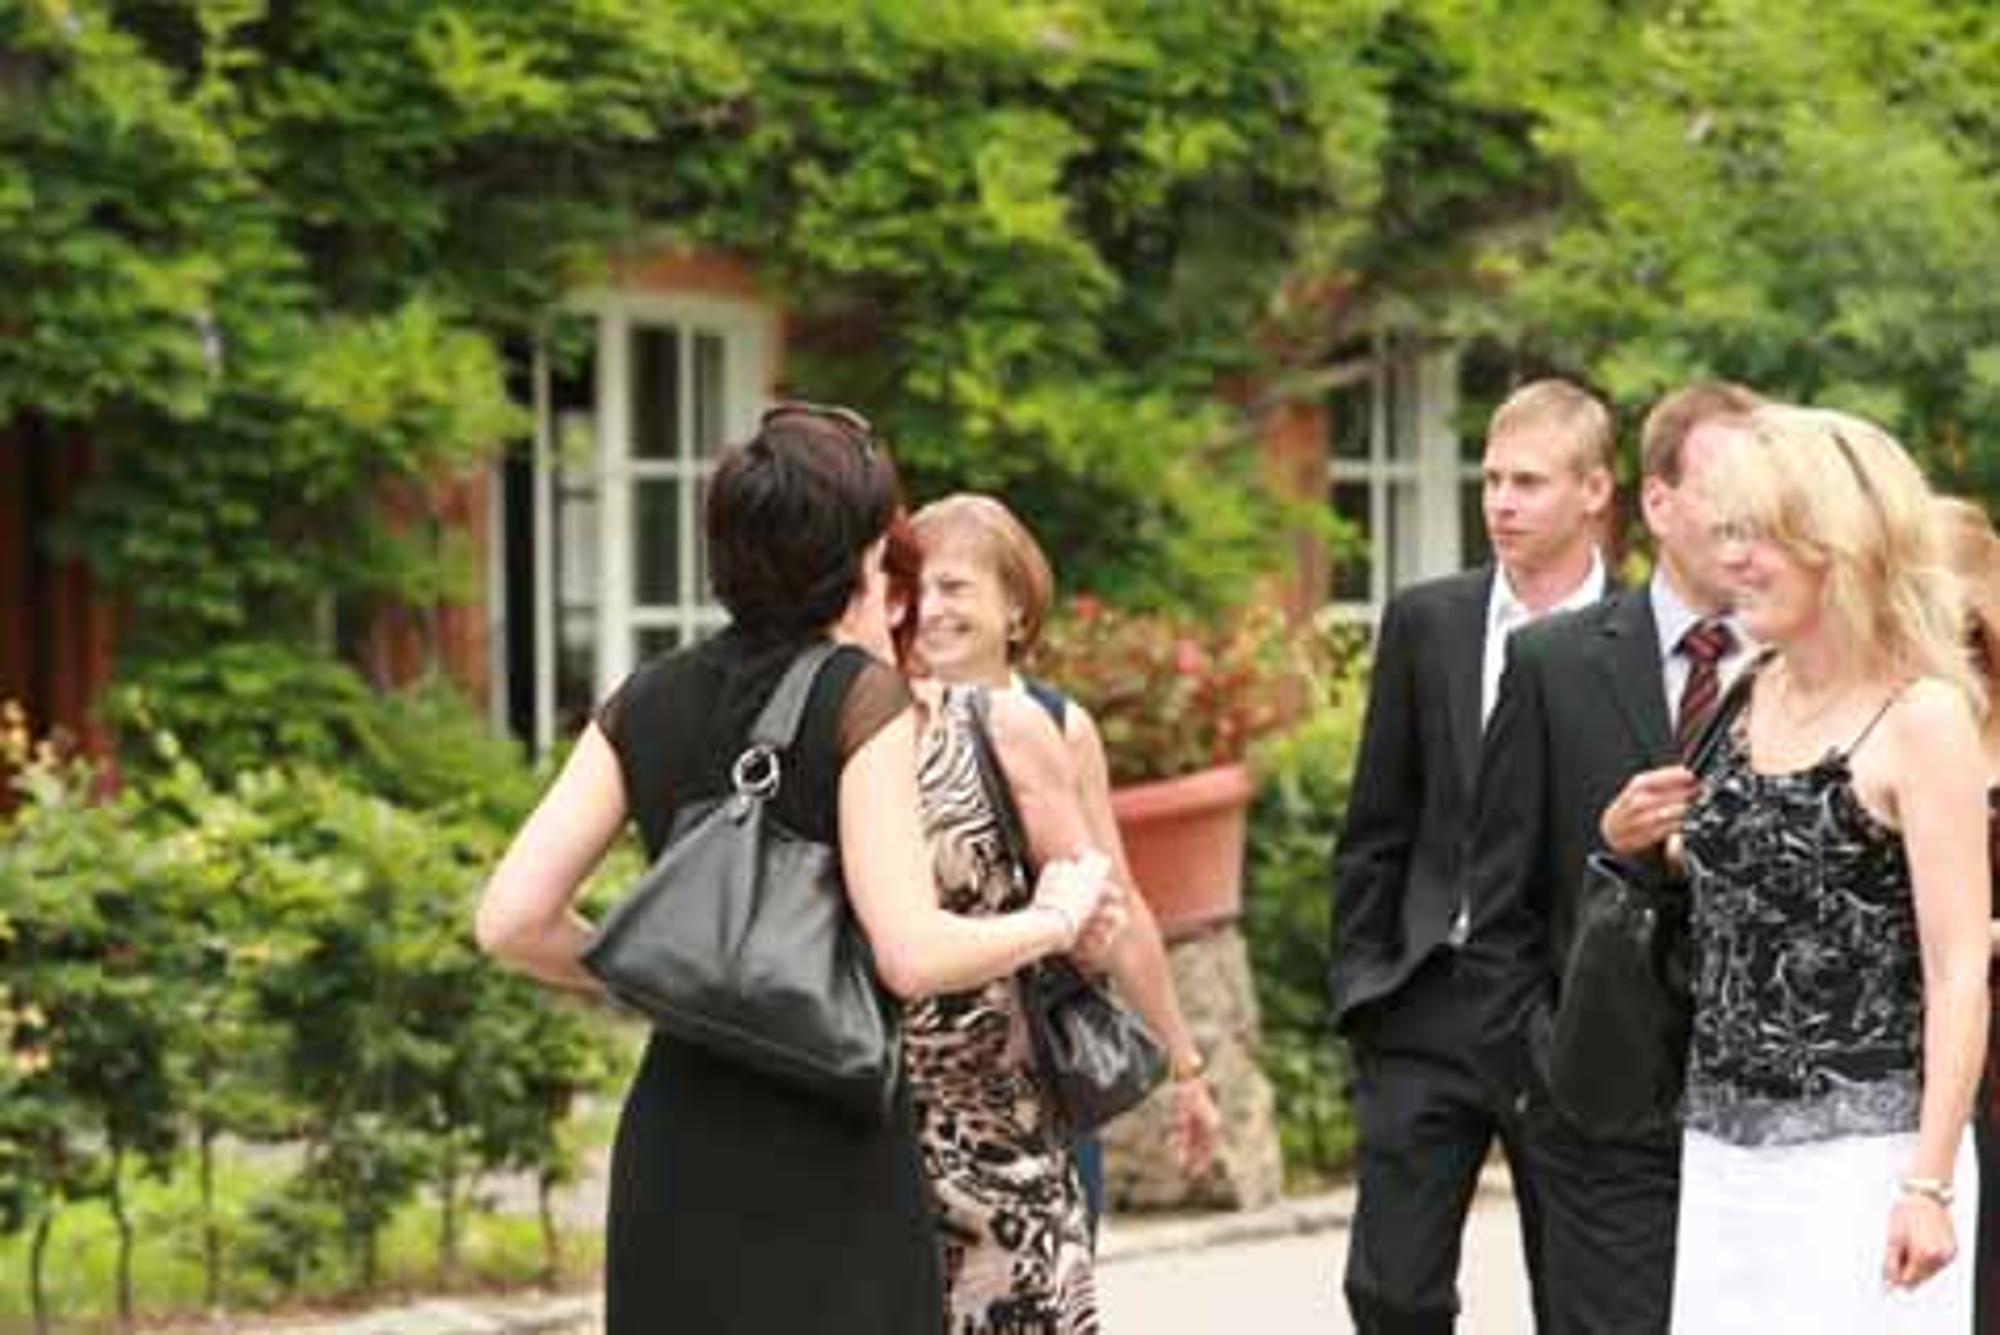 Hochzeit Von Philipp Lahm Und Claudia Schattenberg In Aying Fc Bayern